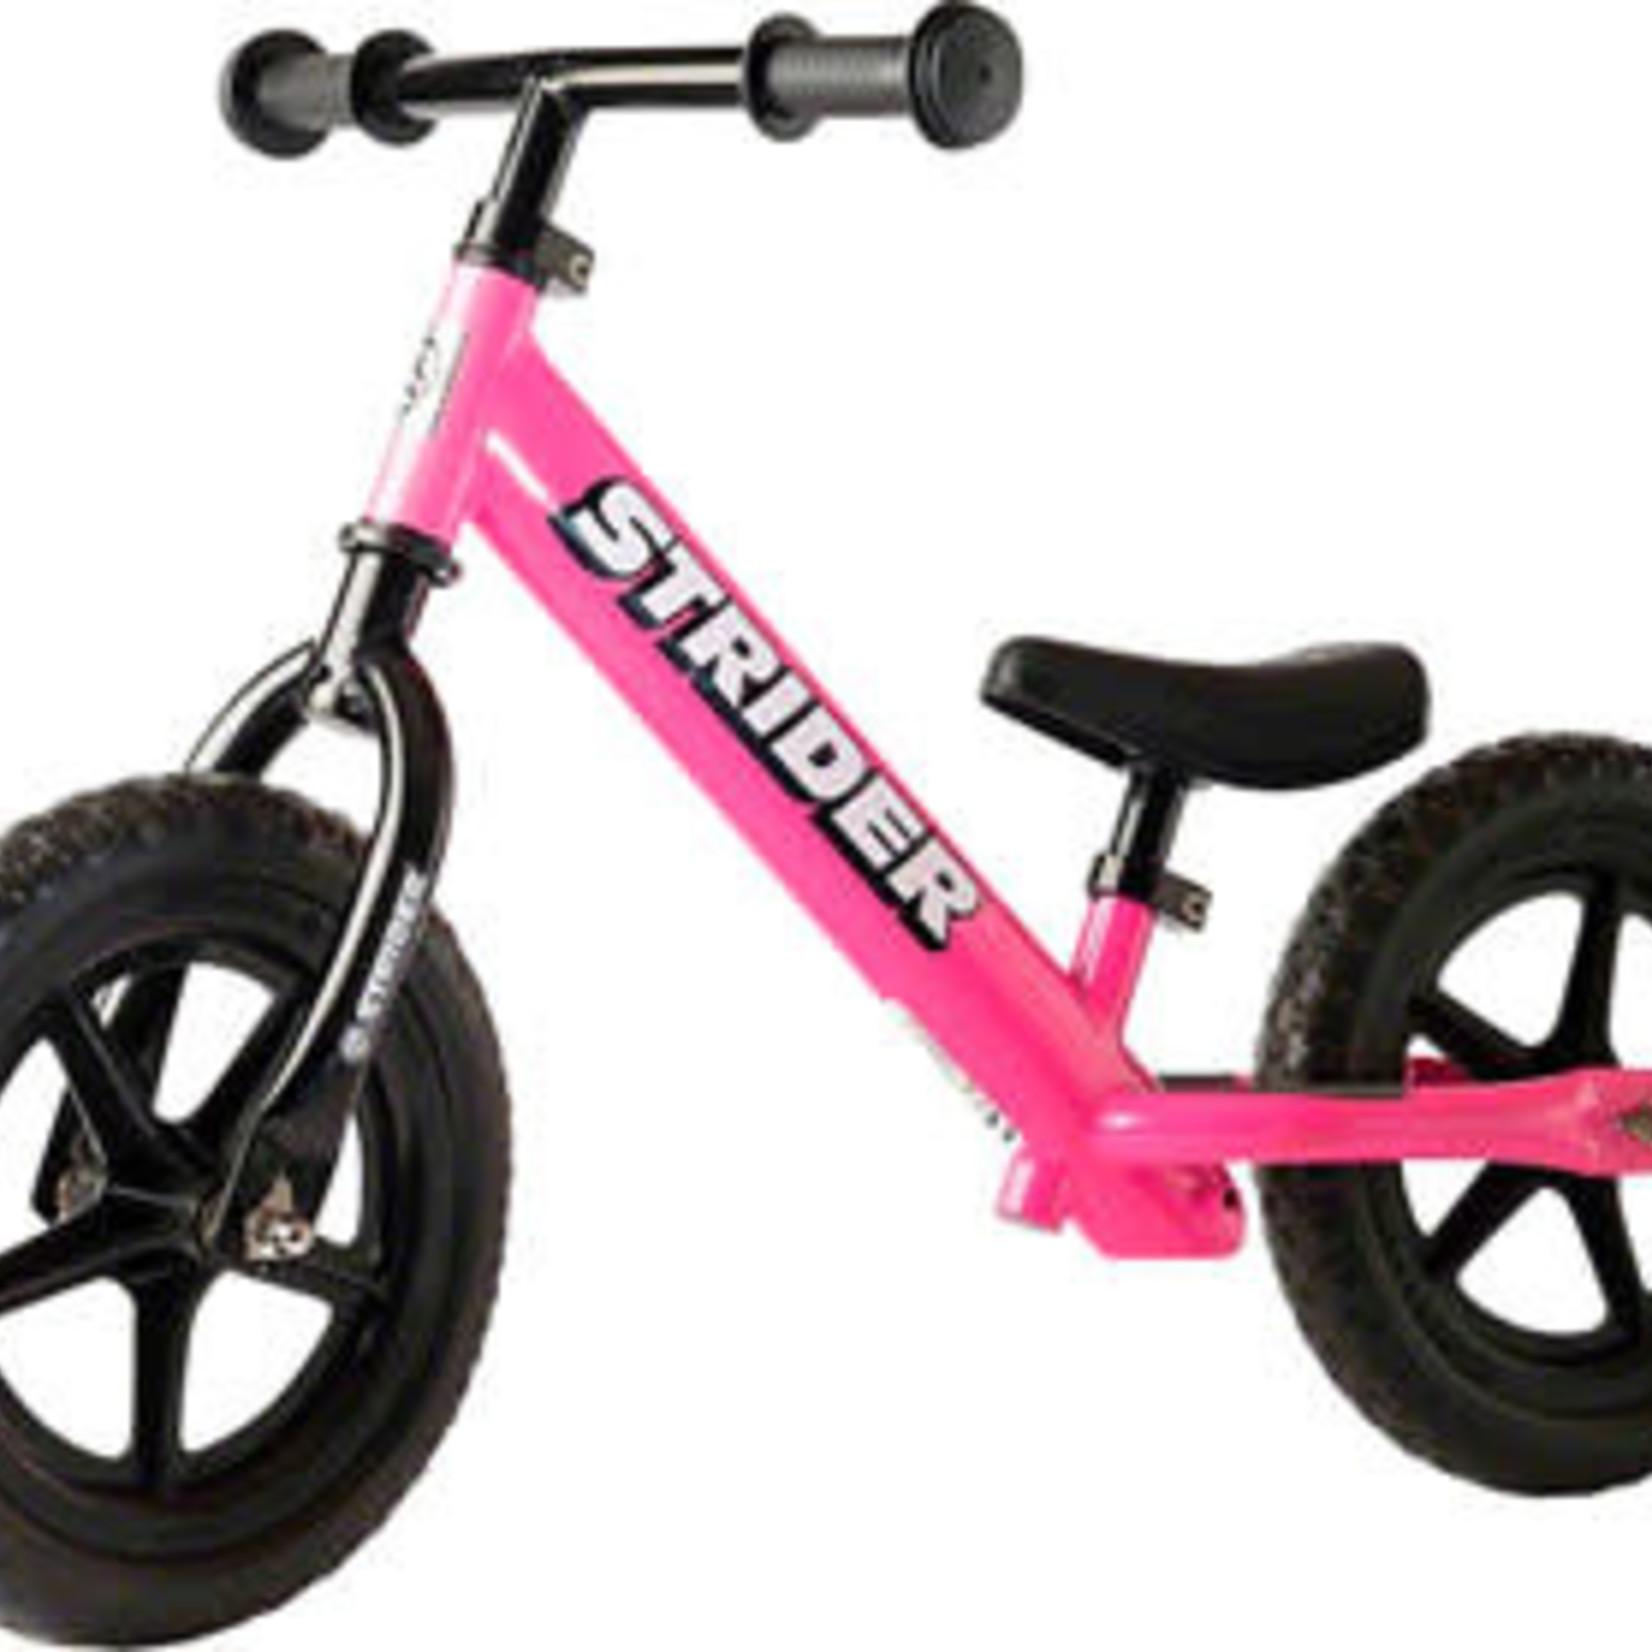 Strider Sports Strider 12 Classic Balance Bike Pink